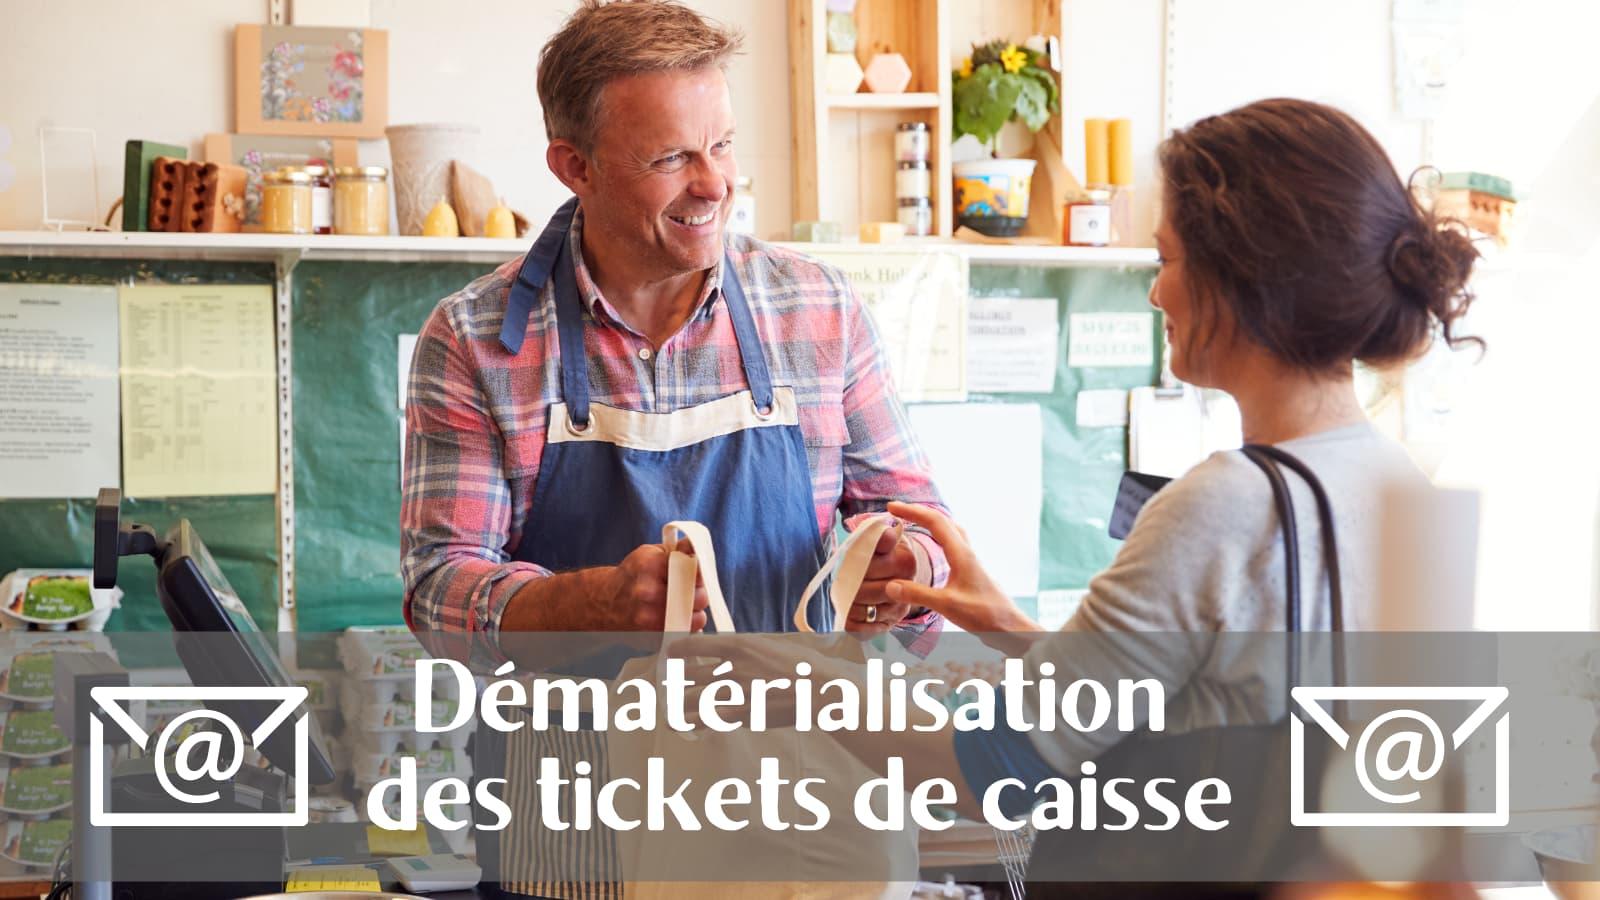 La dématérialisation des tickets de caisse pour développer vos ventes